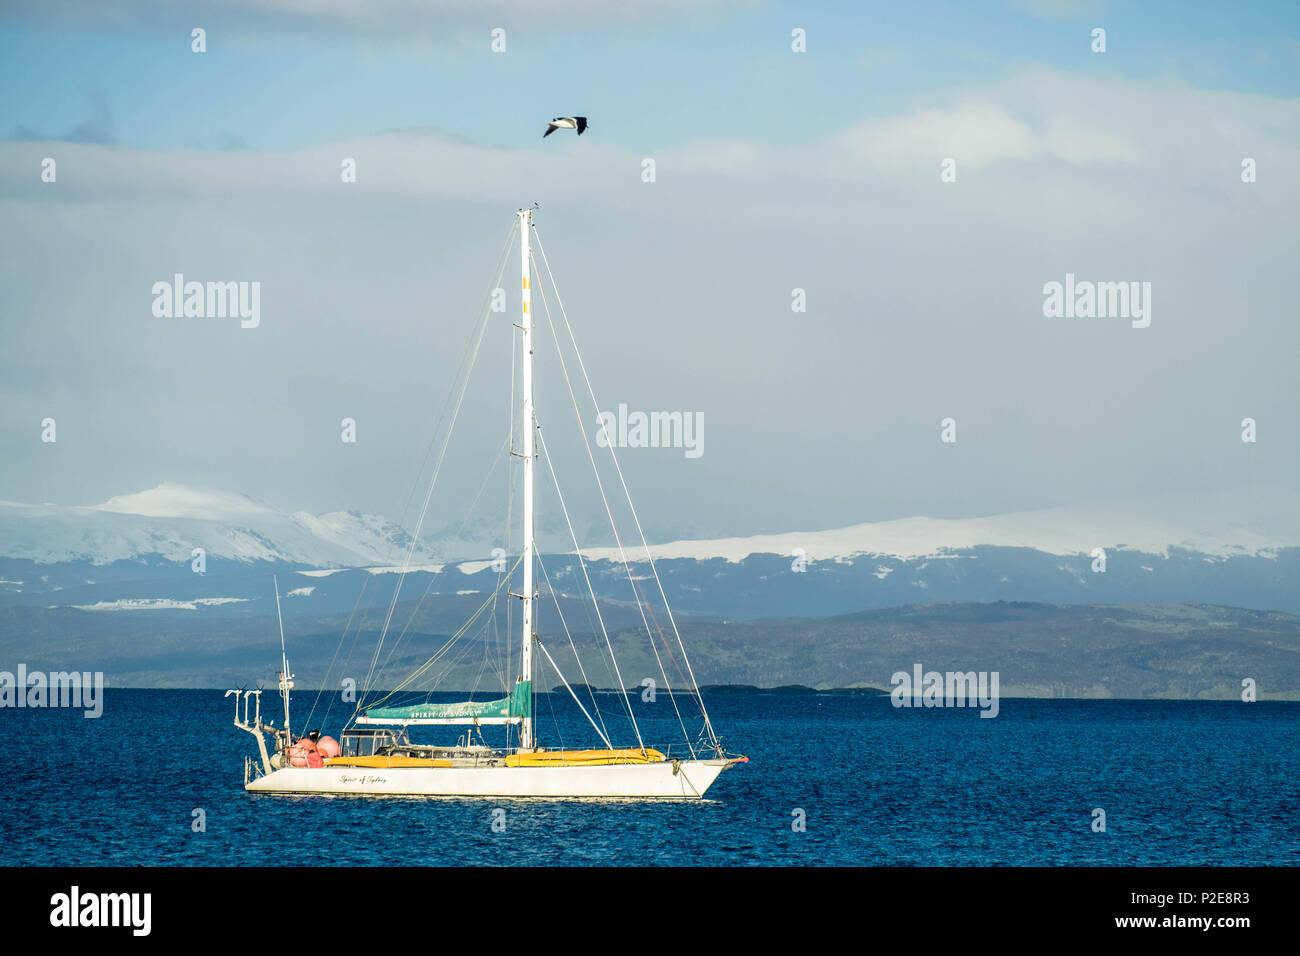 Ein saling Boot überquert den Beagle Kanal in der Nähe von Ushuaia. Segeln ist beliebt in diesem Teil der Welt, wo die Inseln atemberaubende Landschaften bieten. Stockfoto